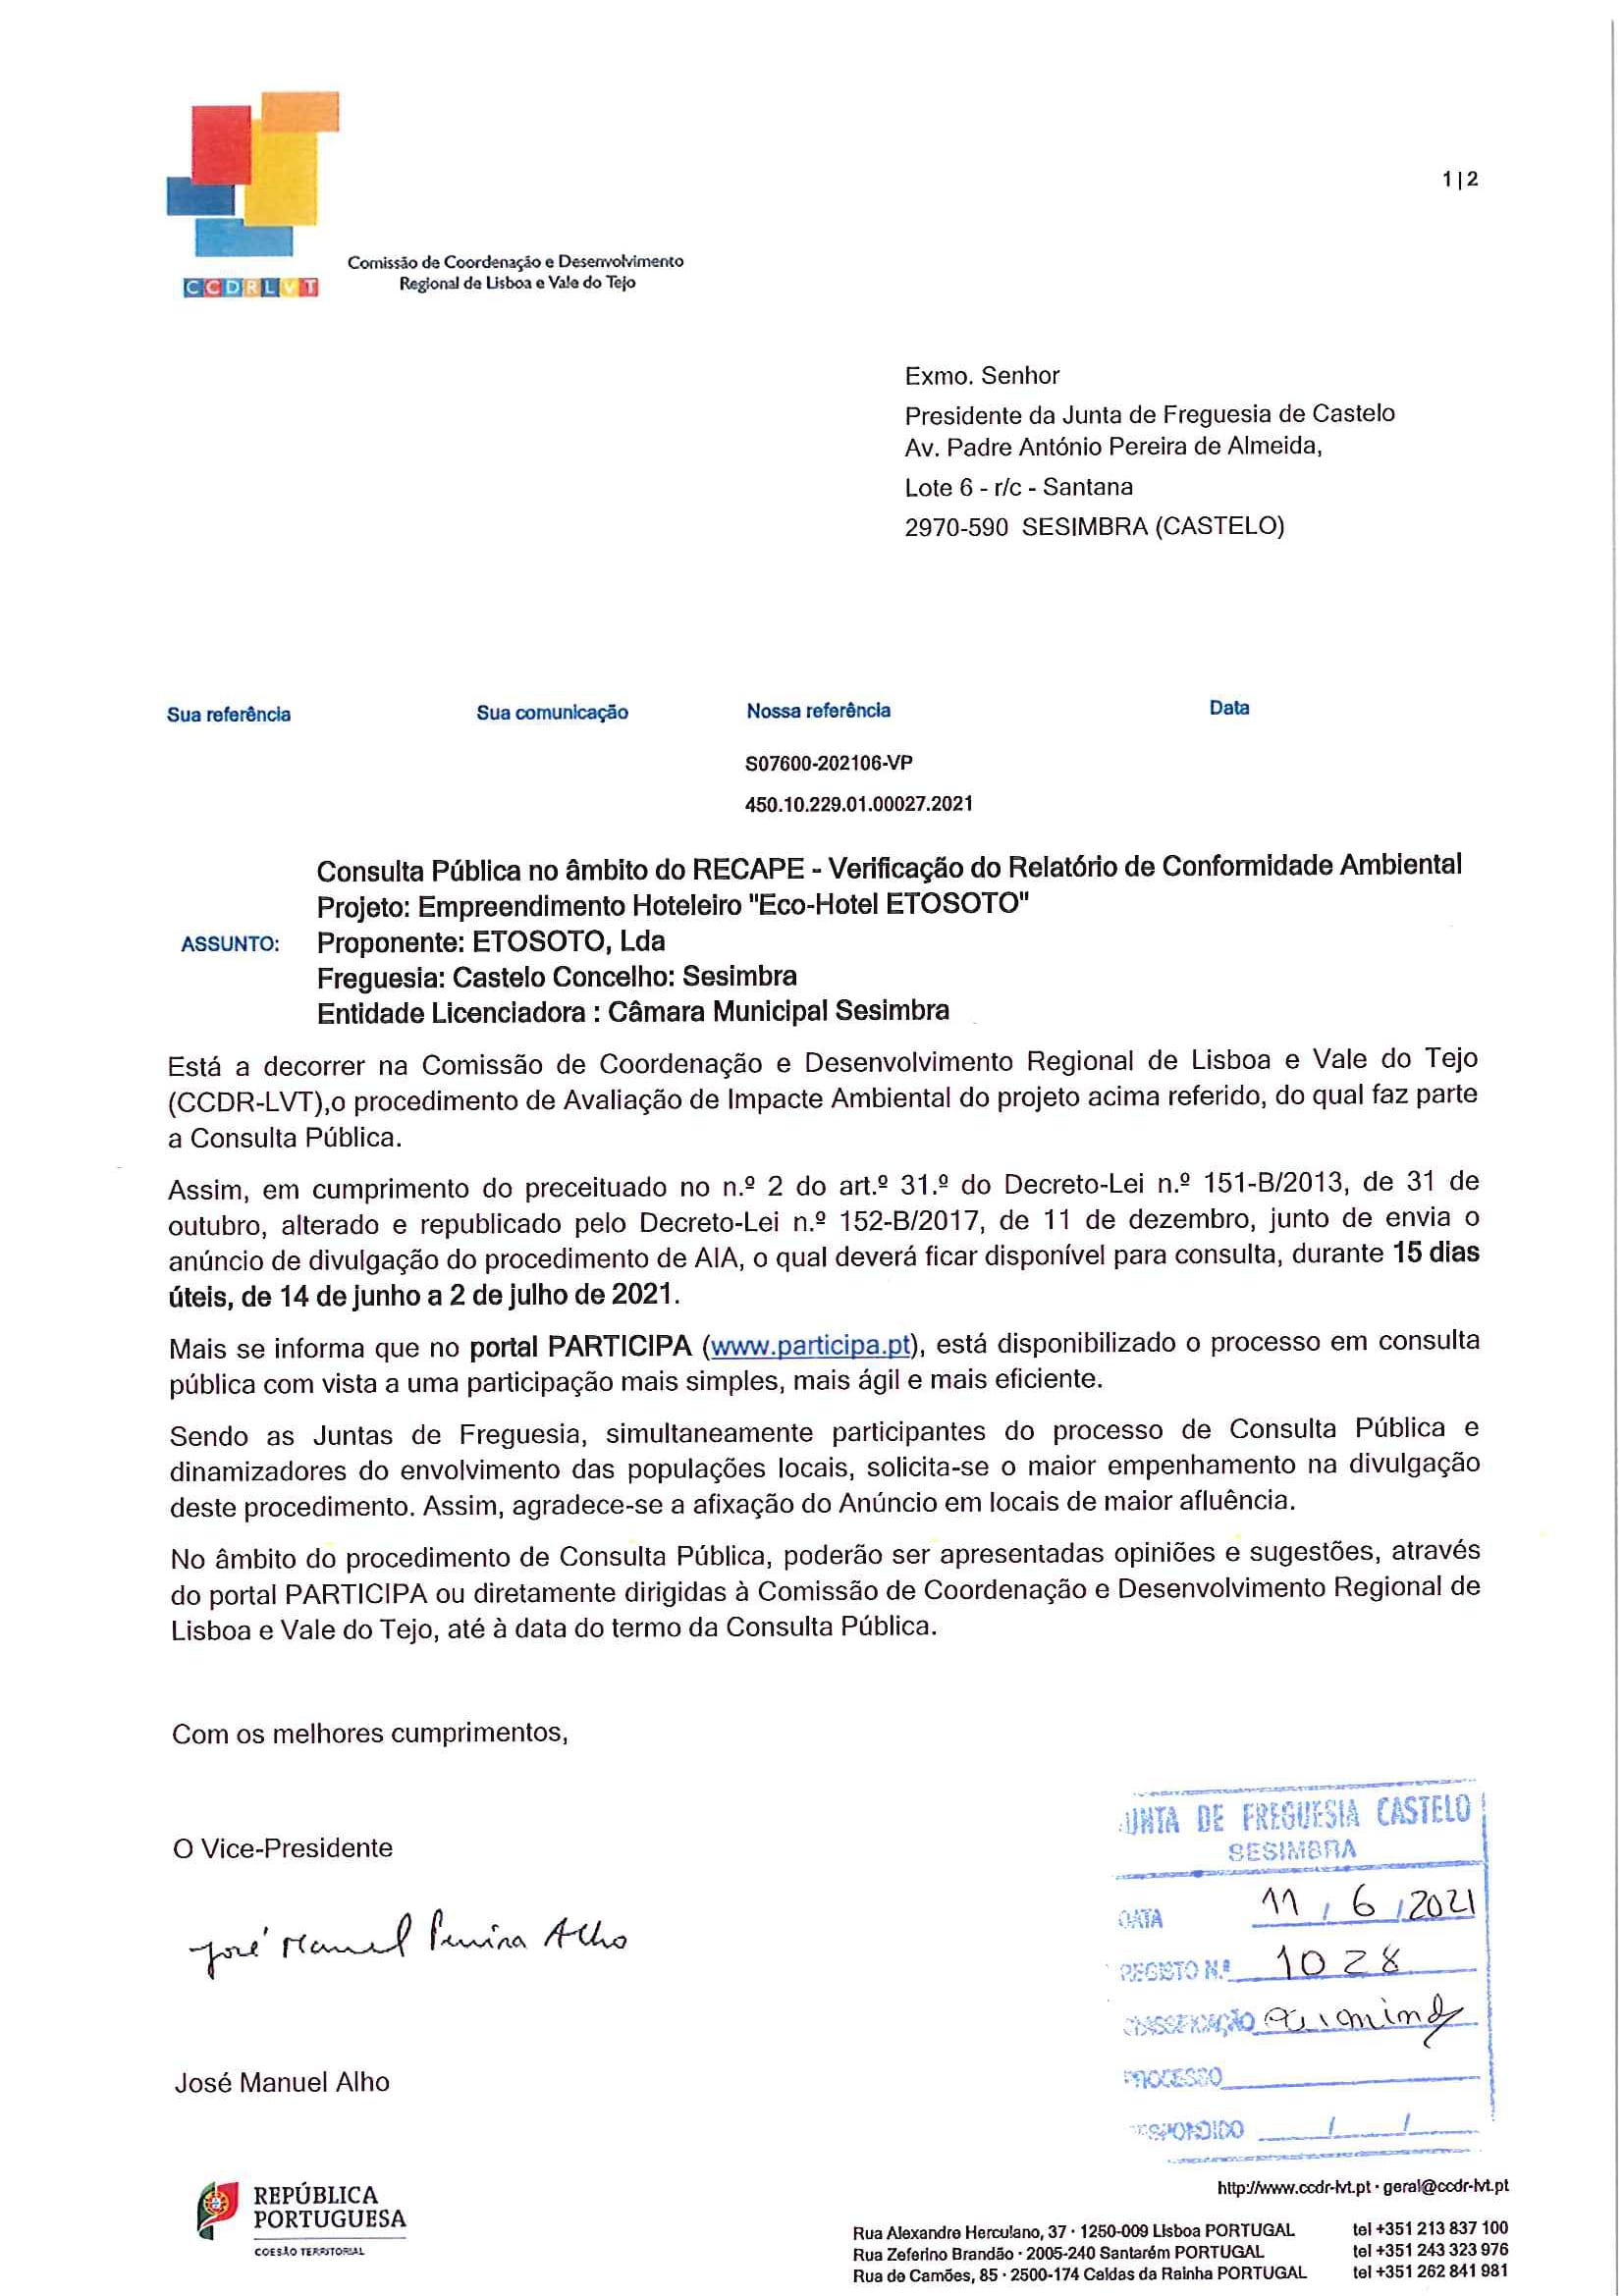 Procedimento de Avaliação de Impacto  Ambiental _  Projeto ECO HOTEL - Etosoto